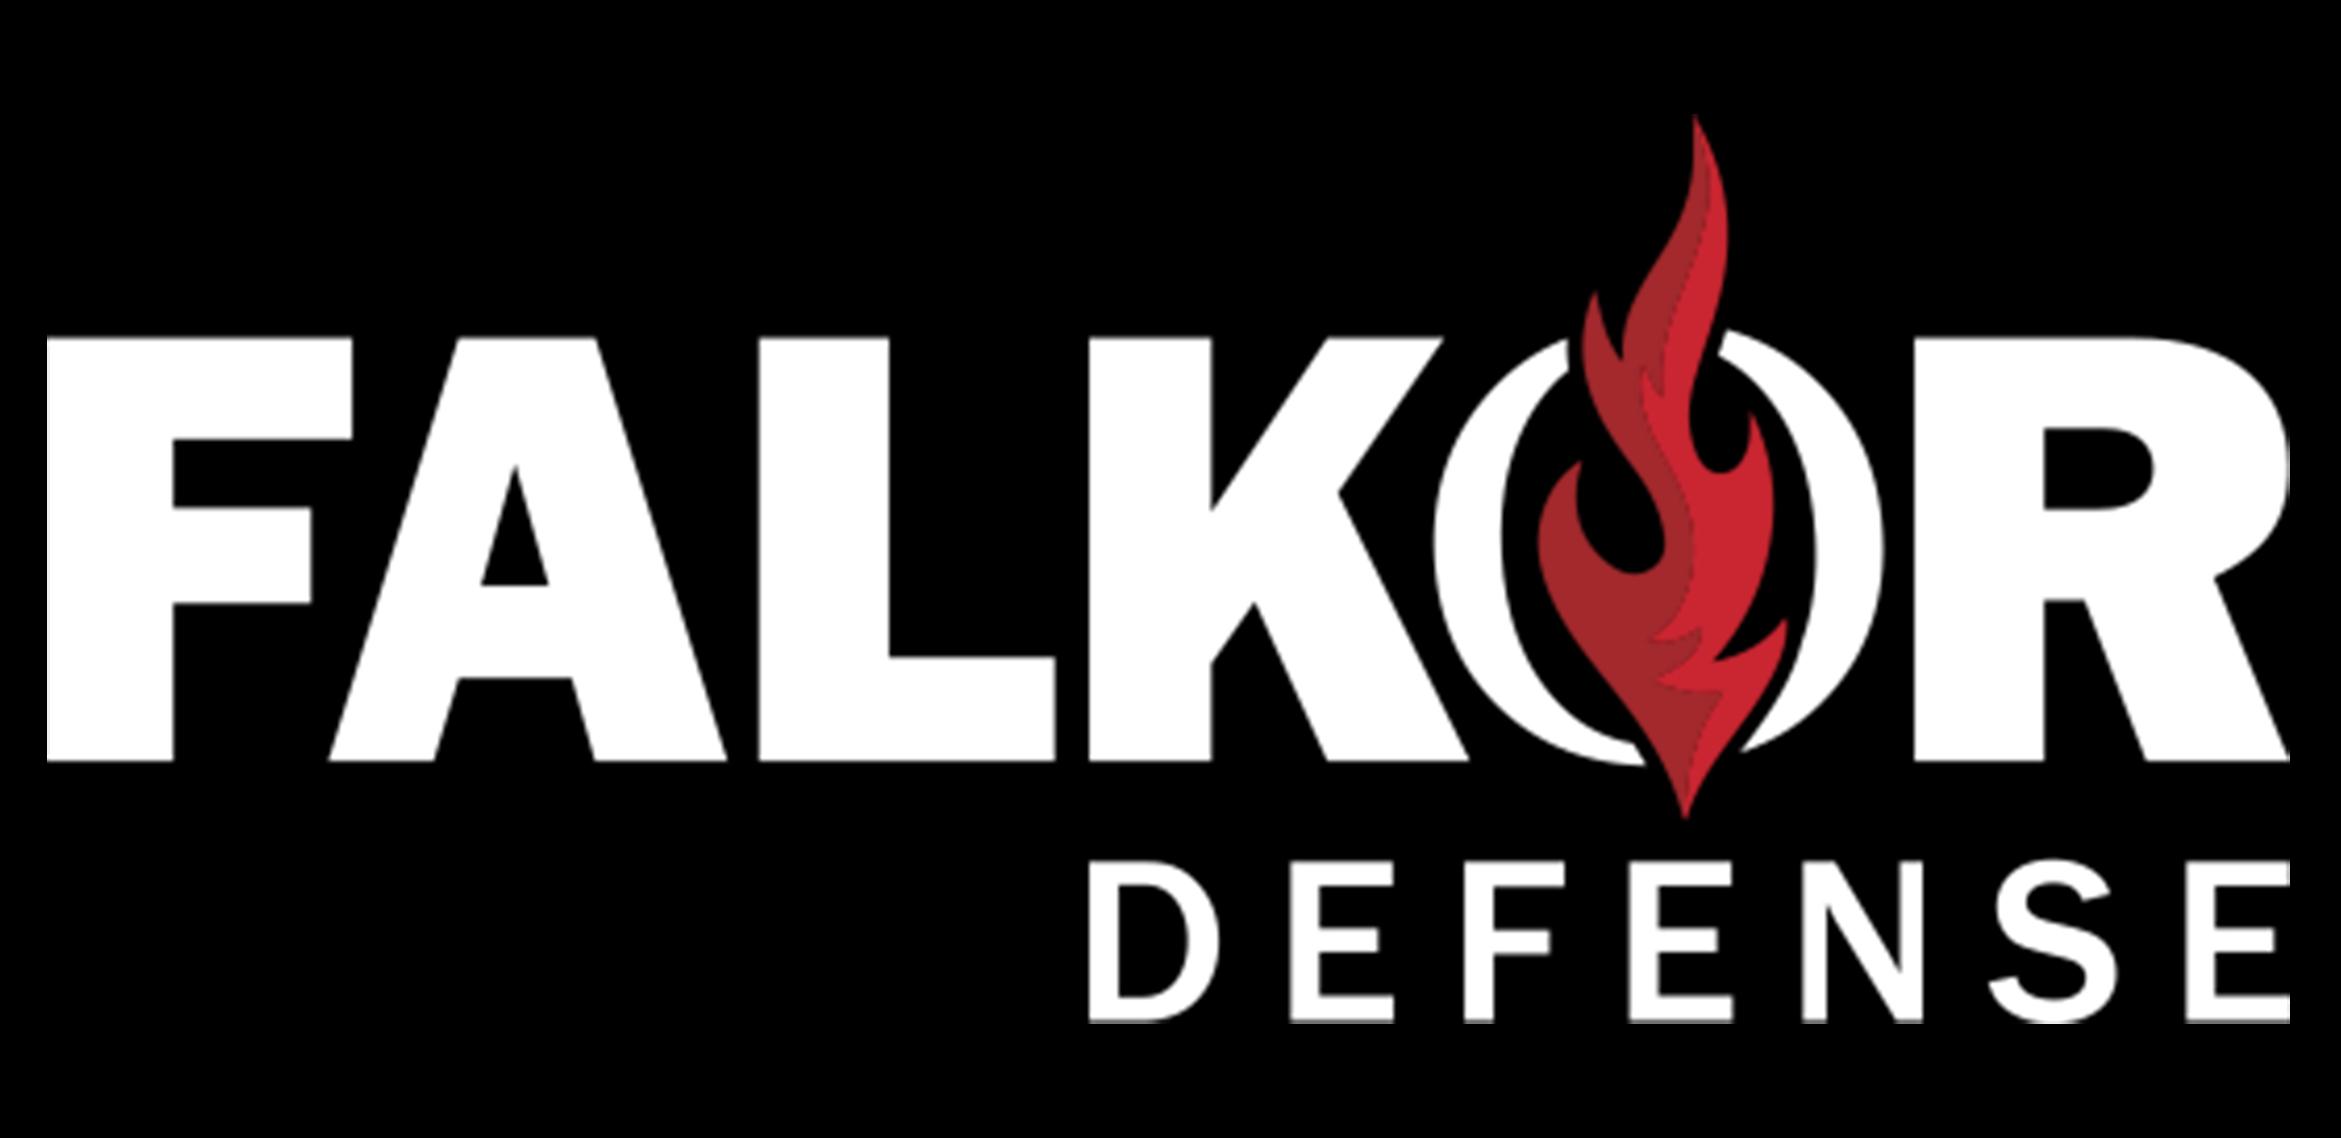 Falkor Defense Logo.jpg